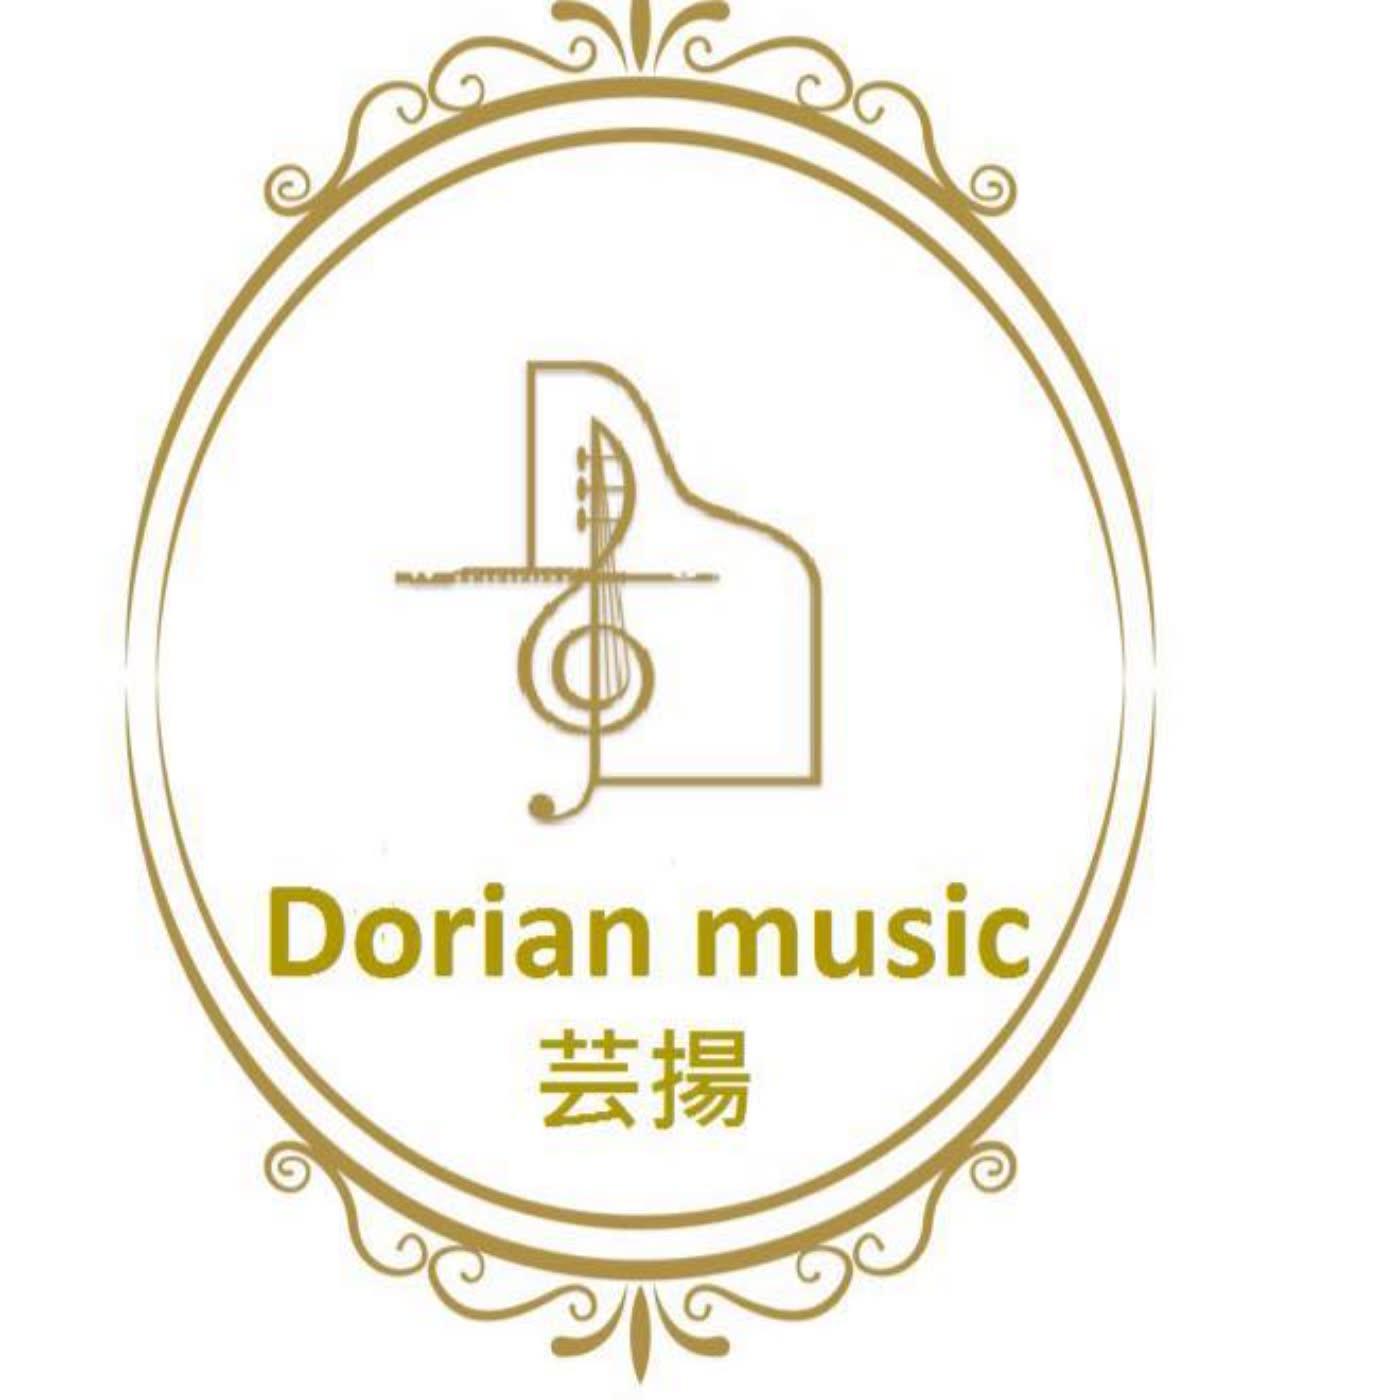 DorianMusic Bonjour